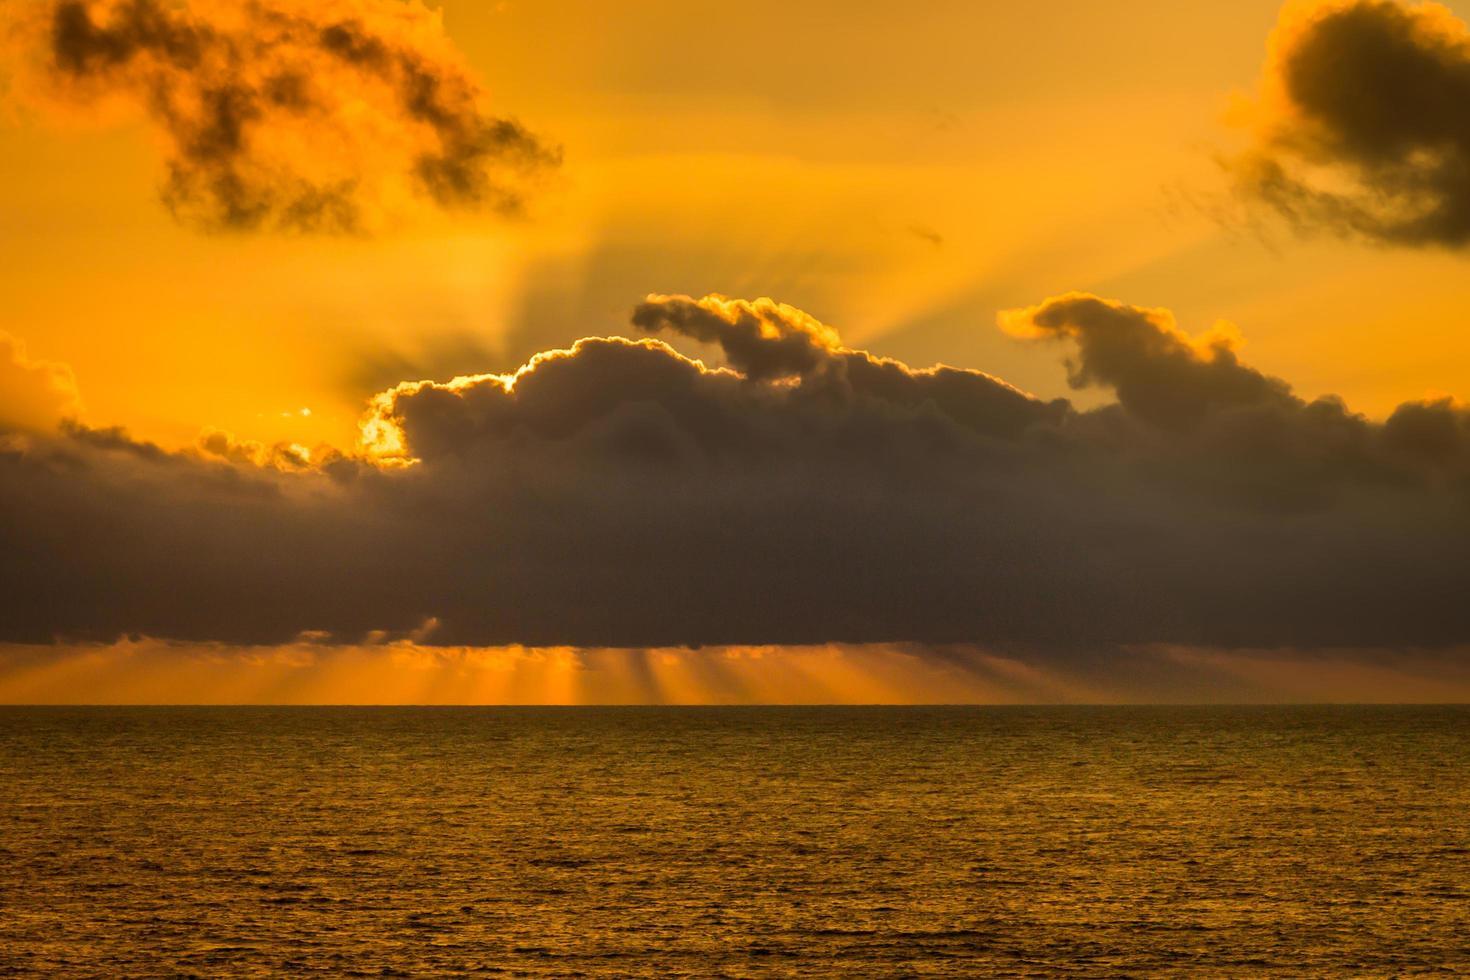 cielo naranja y rayos de sol foto